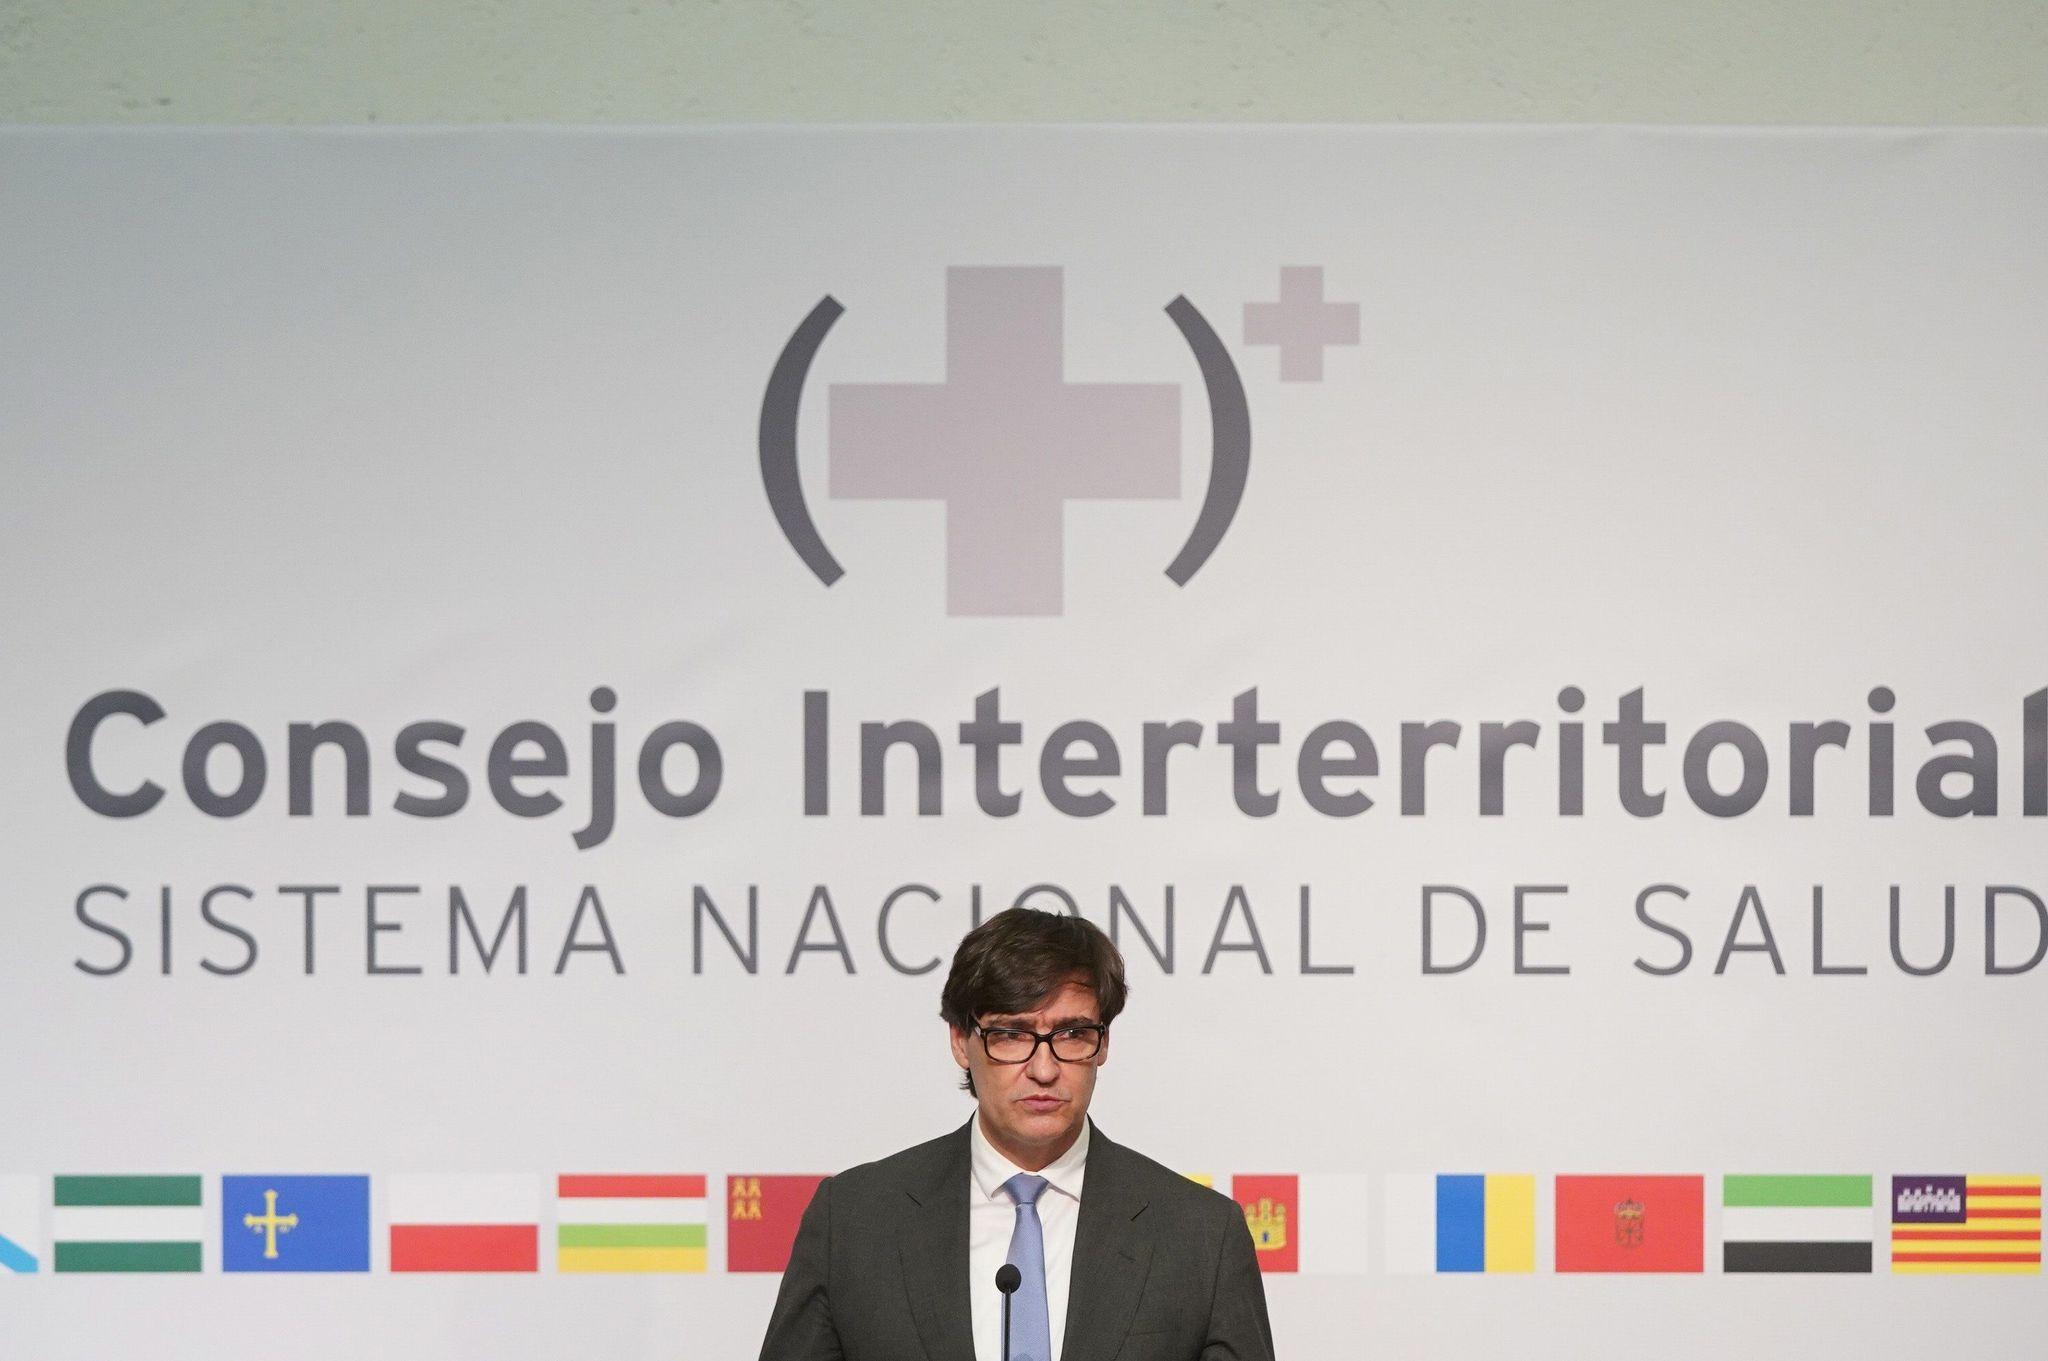 """Las autonomías, ante la inacción de Salvador Illa: """"Ministro, cuanto más tarde en decidirse, más contagios y fallecidos habrá"""""""